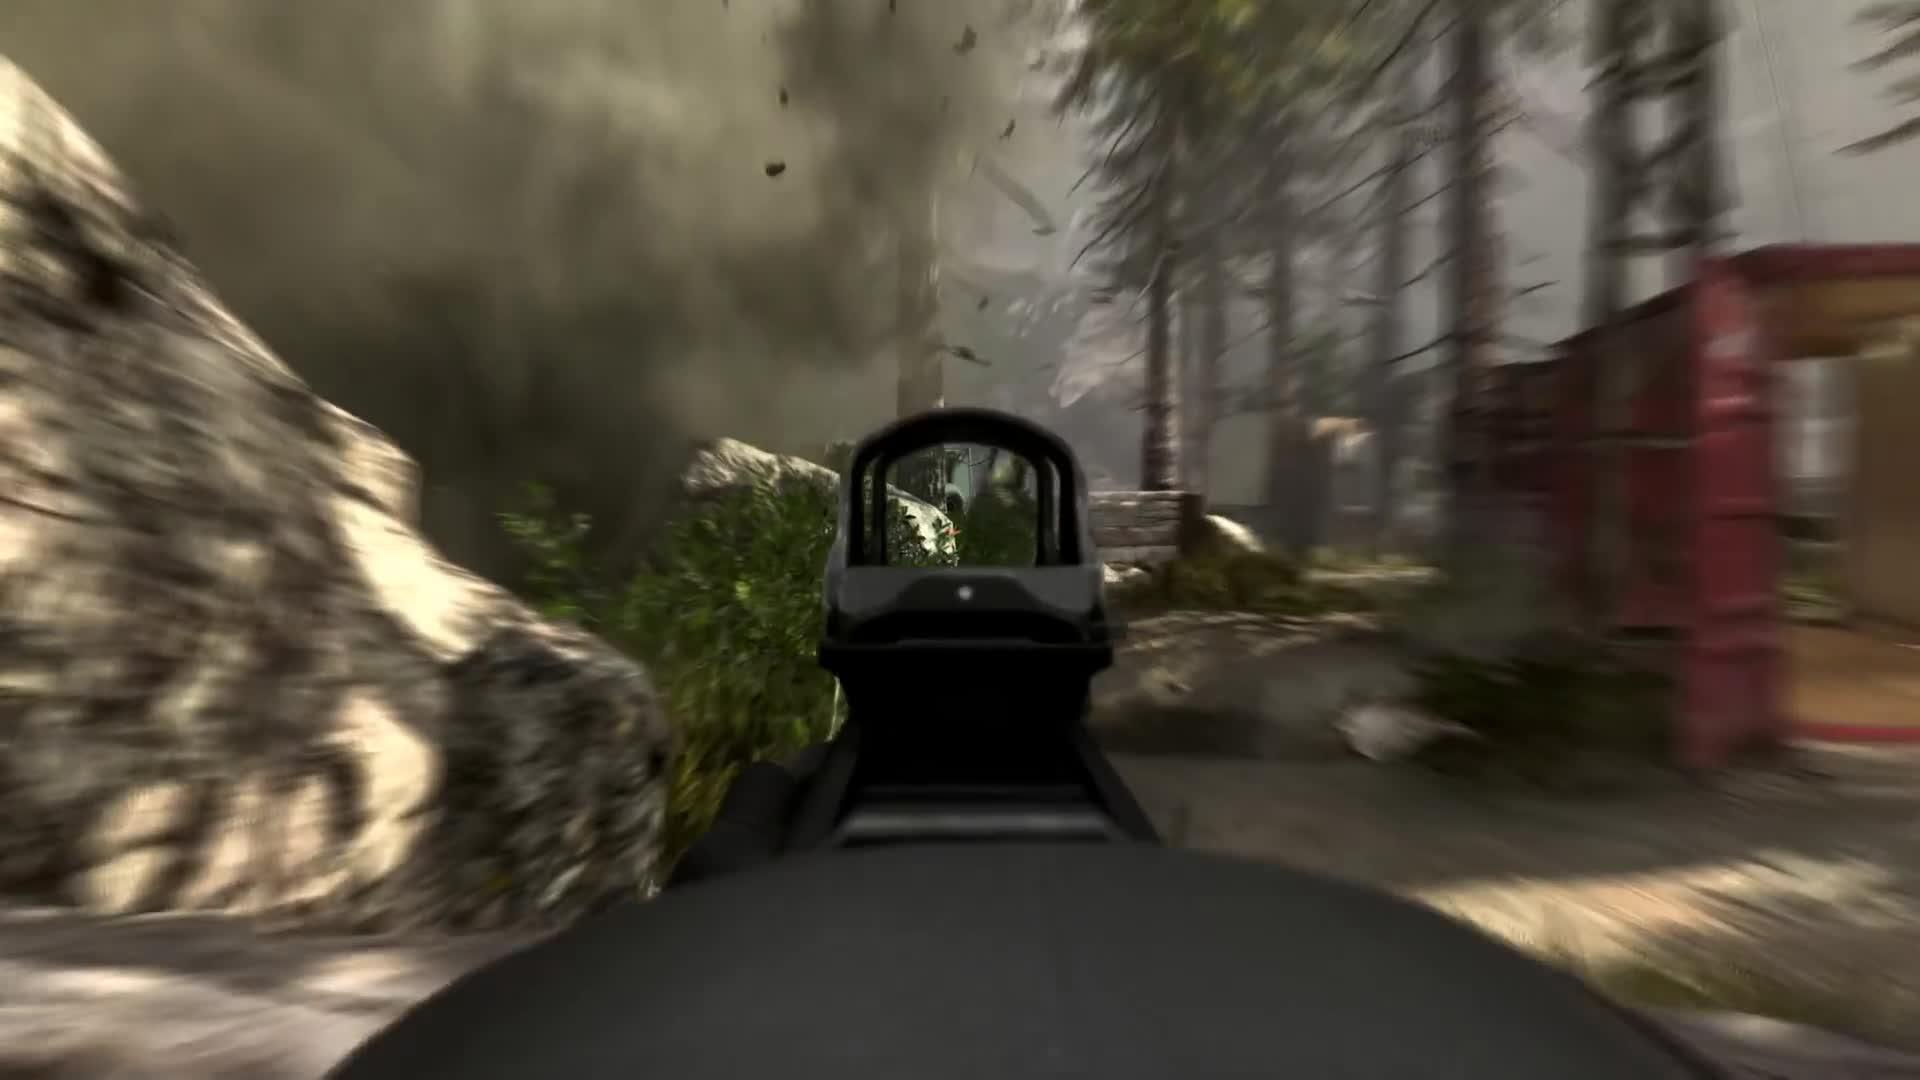 Call of Duty: Modern Warfare - 2v2 Alpha Trailer [HD] screen capture